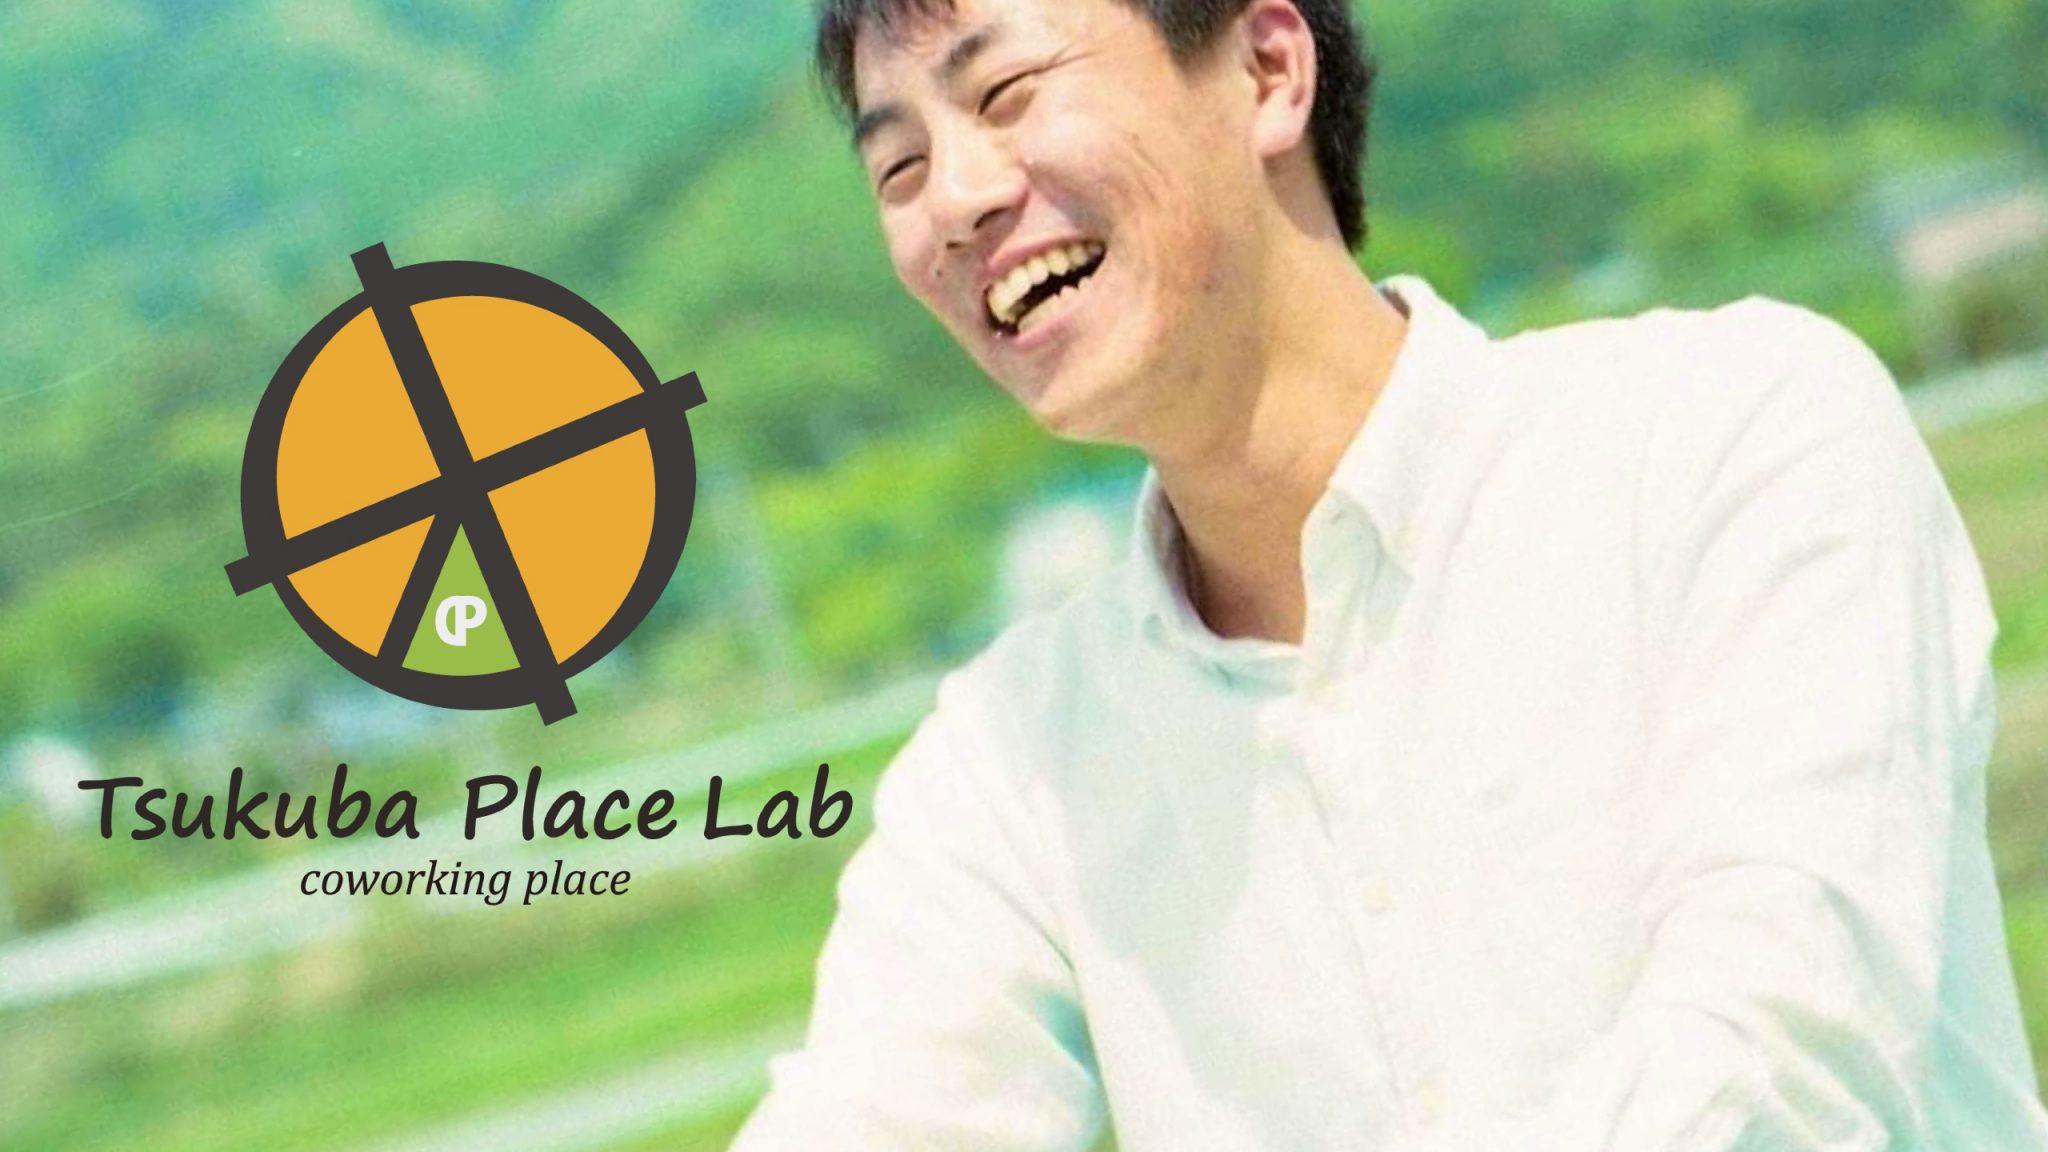 フレンドファンディングPolca企画―Lab代表を労うはっちゃけた飲み会を開催したい!!